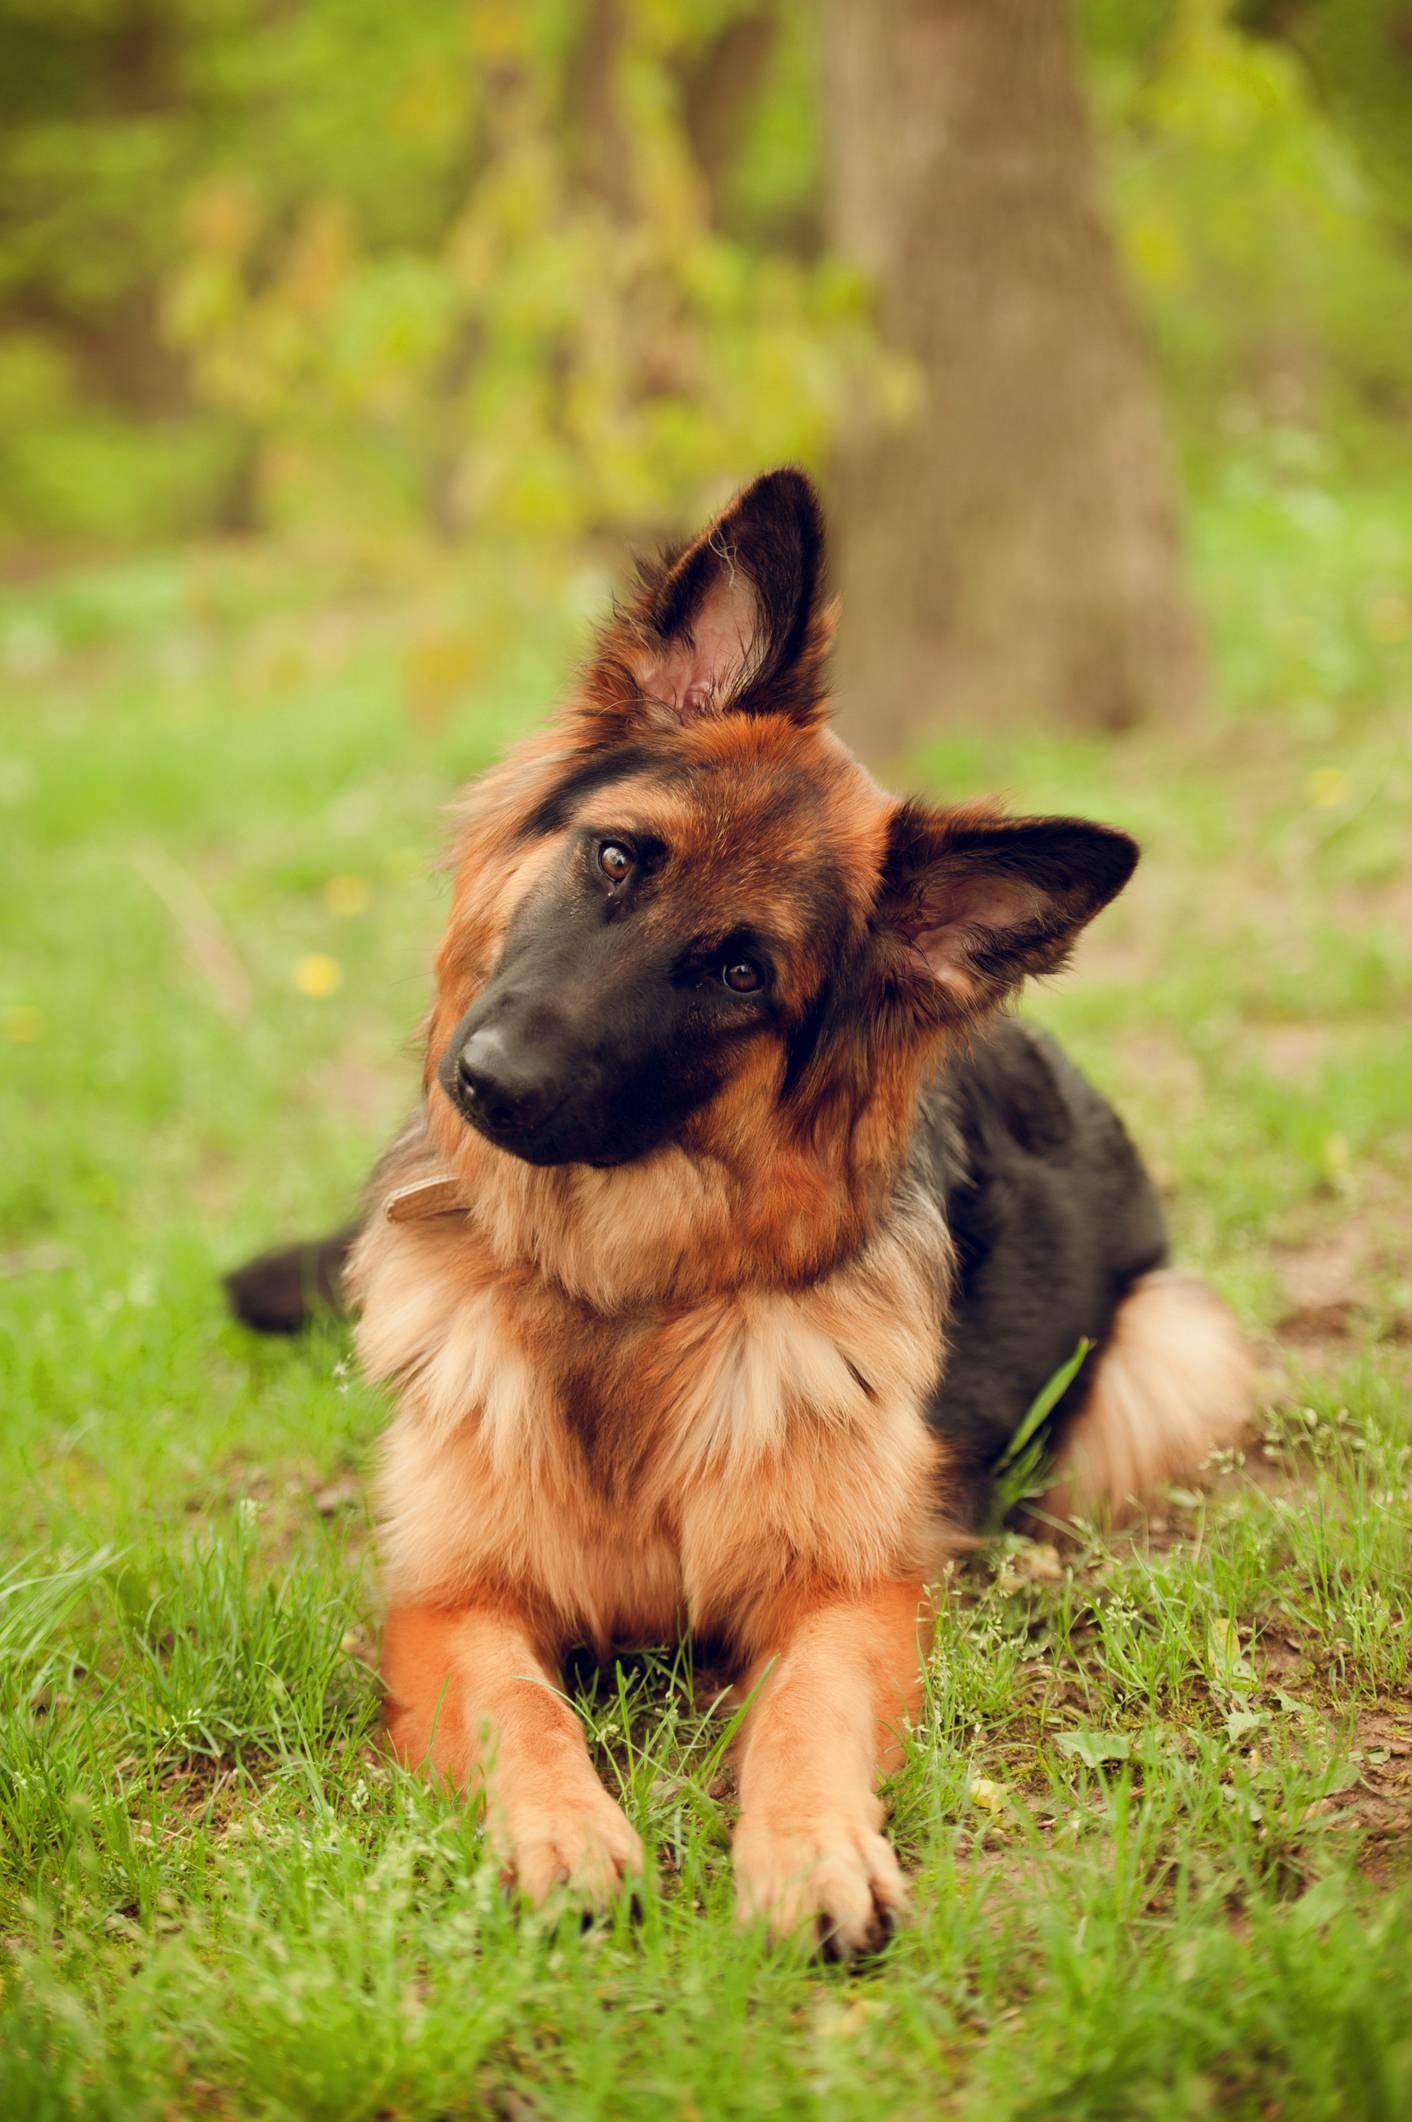 Psi u nosu imaju 'infracrveni senzor' koji detektira lovinu